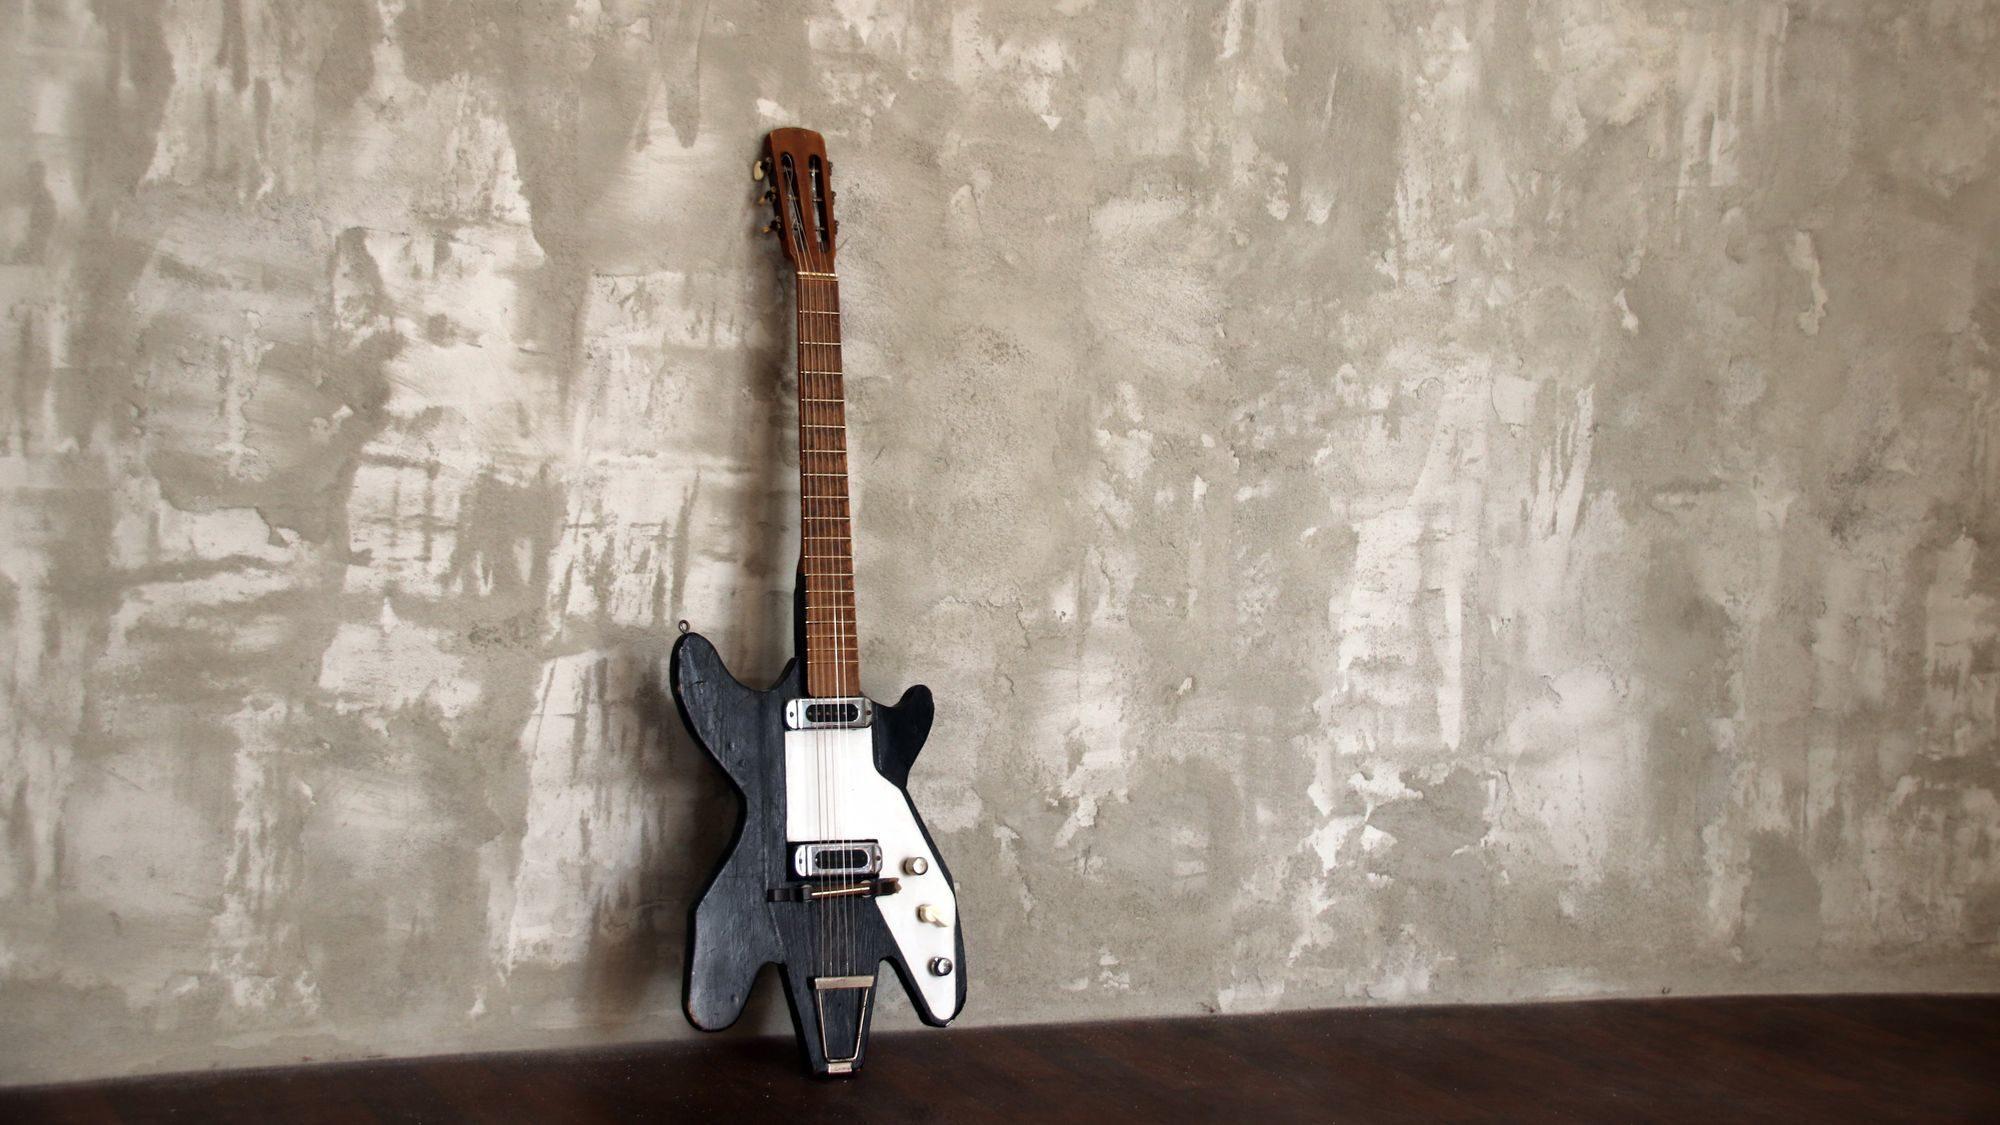 Die letzte Gitarre steht noch vor der nackten Wand.